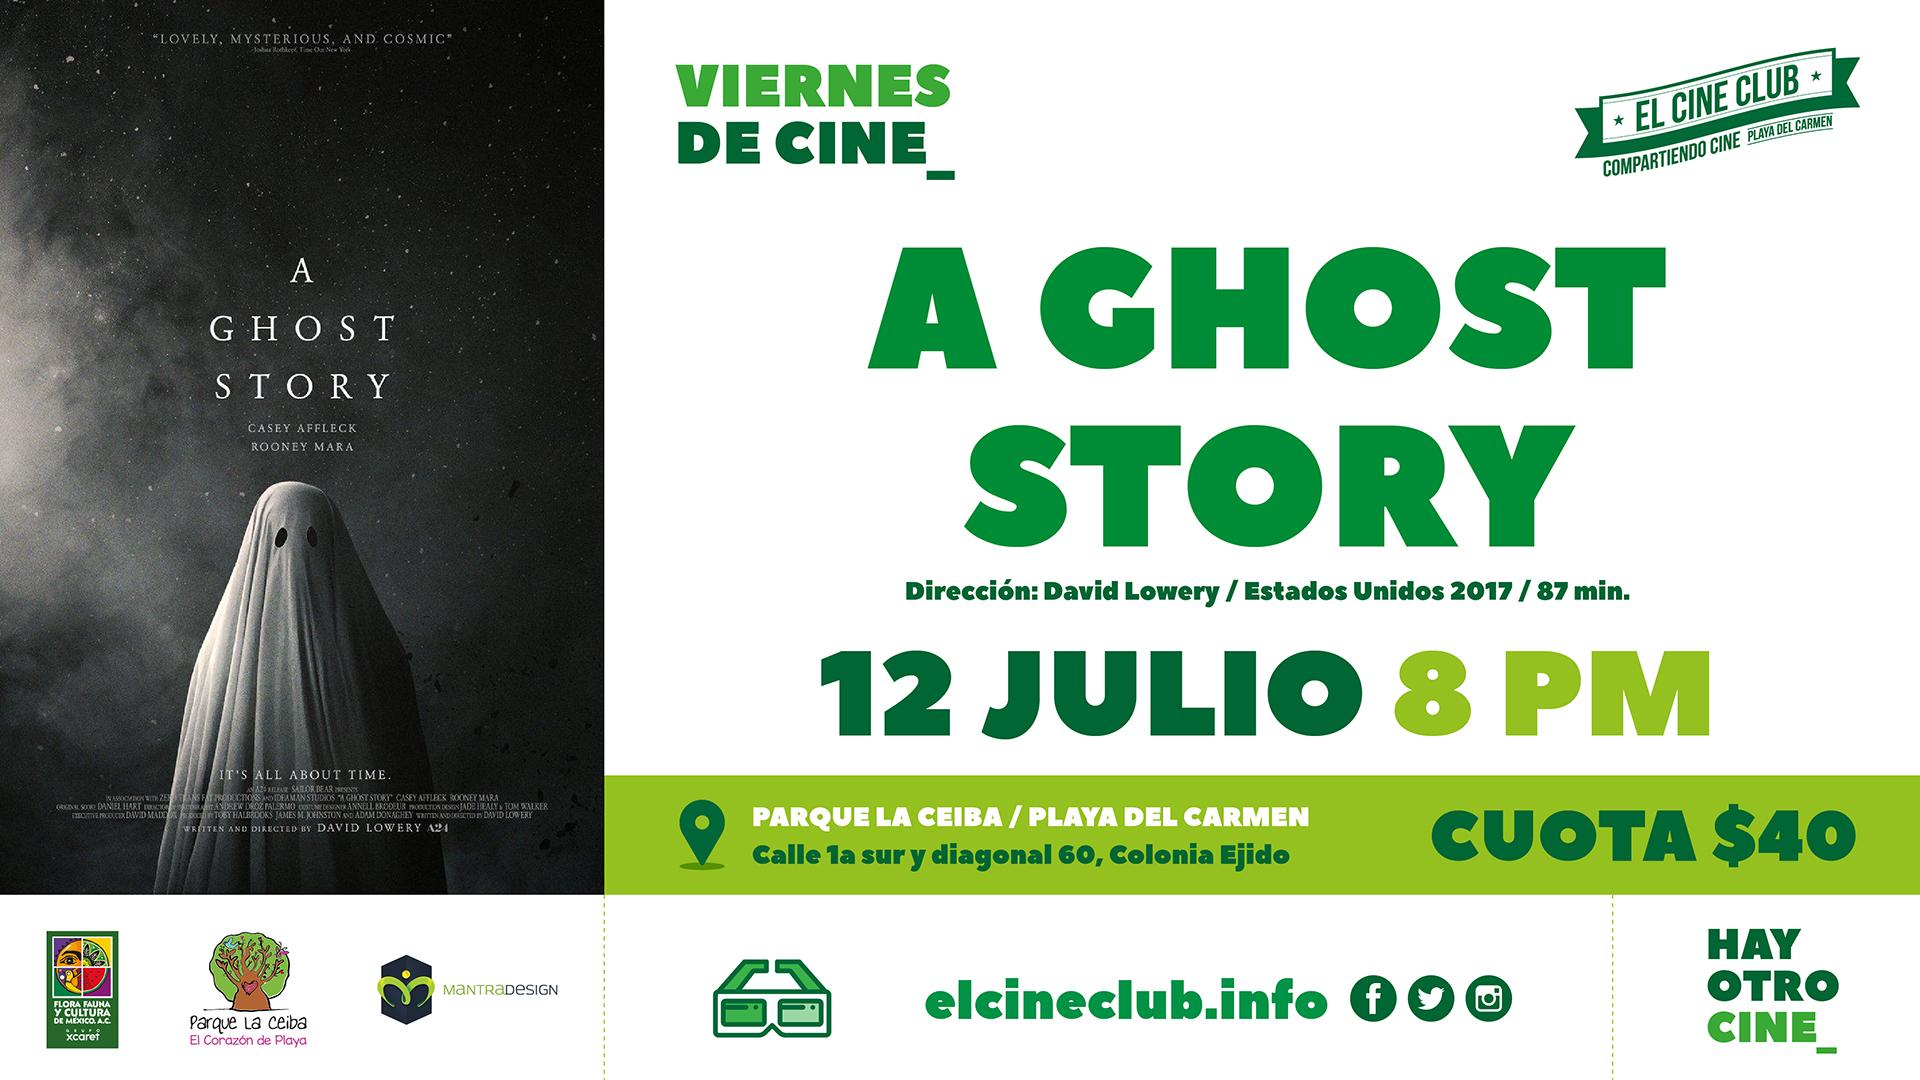 A_ghost_story_PLC_Mesa de trabajo 1 copy 35.jpg